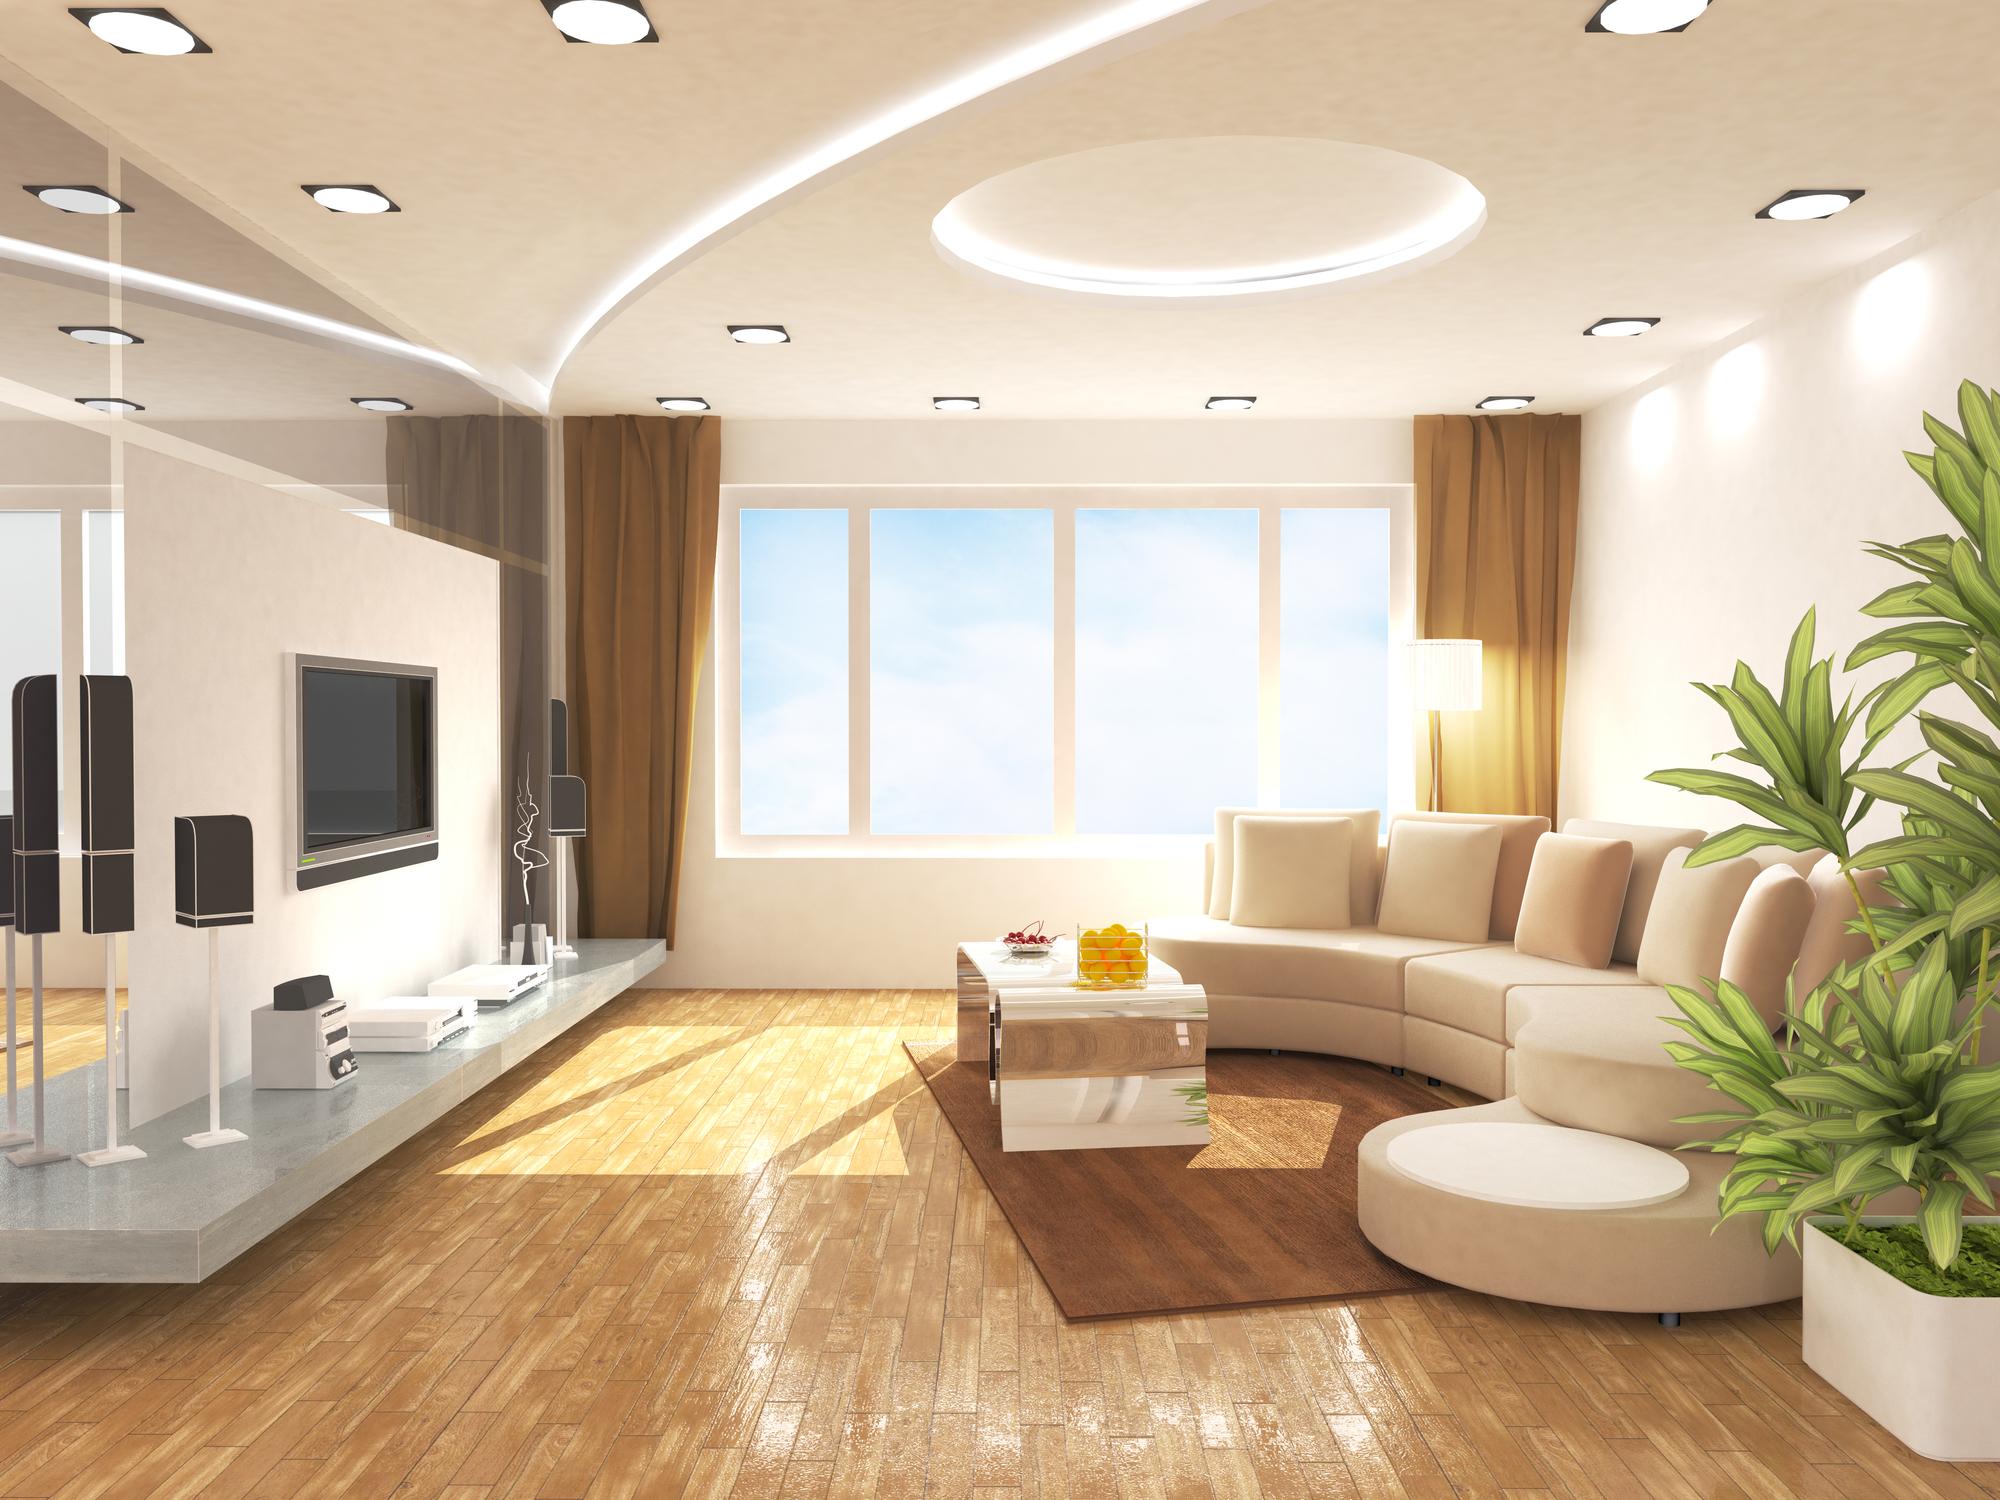 Gran salón moderno iluminado